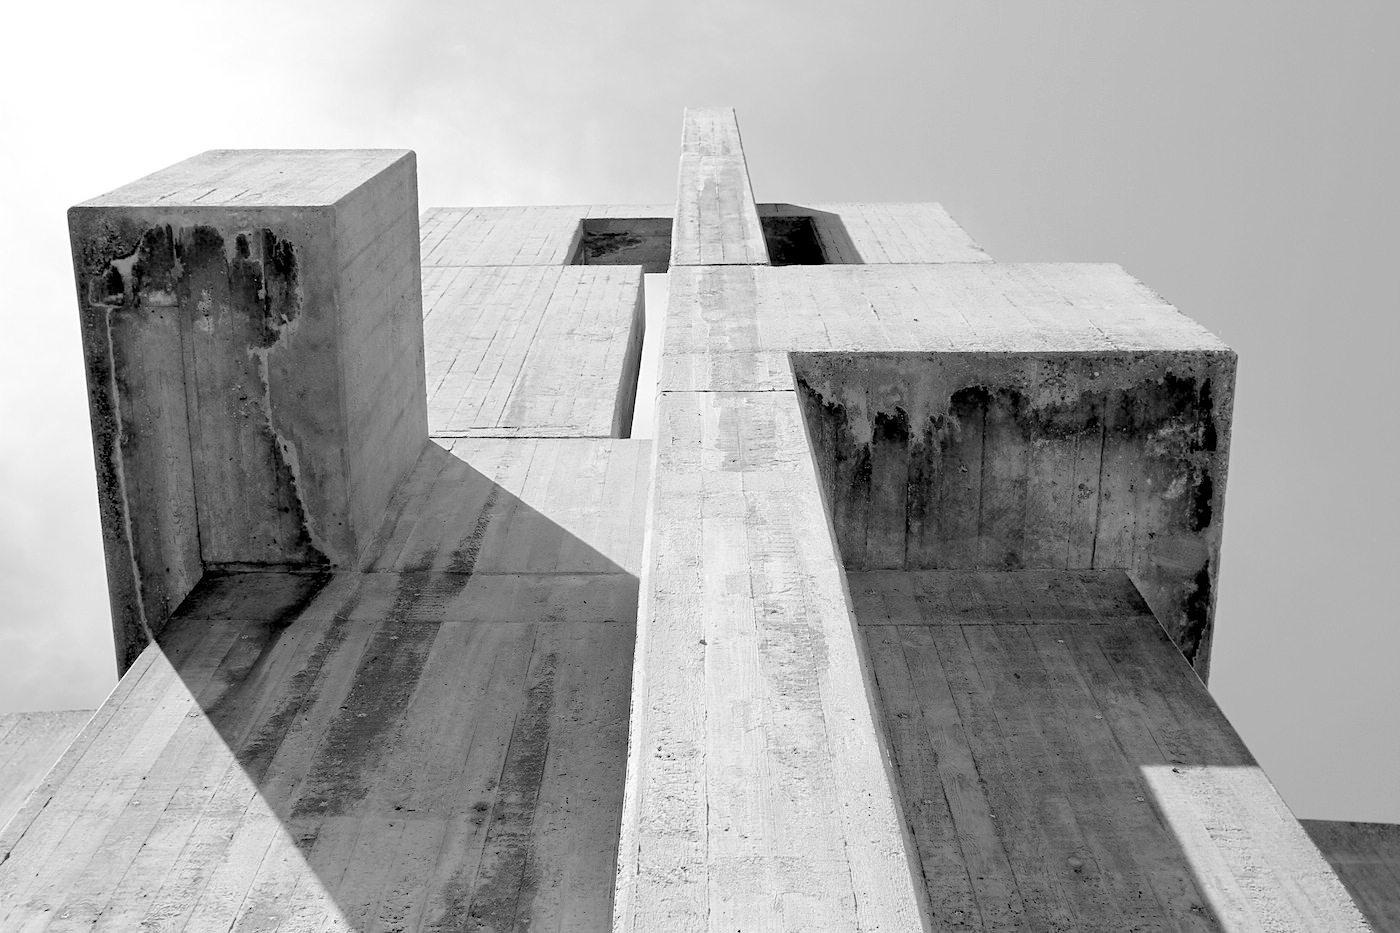 Kirche der katholischen Hochschulgemeinde. ... der Bildhauer Josef Rikus modellierten eine Raumskulptur als Metapher des Irdischen.